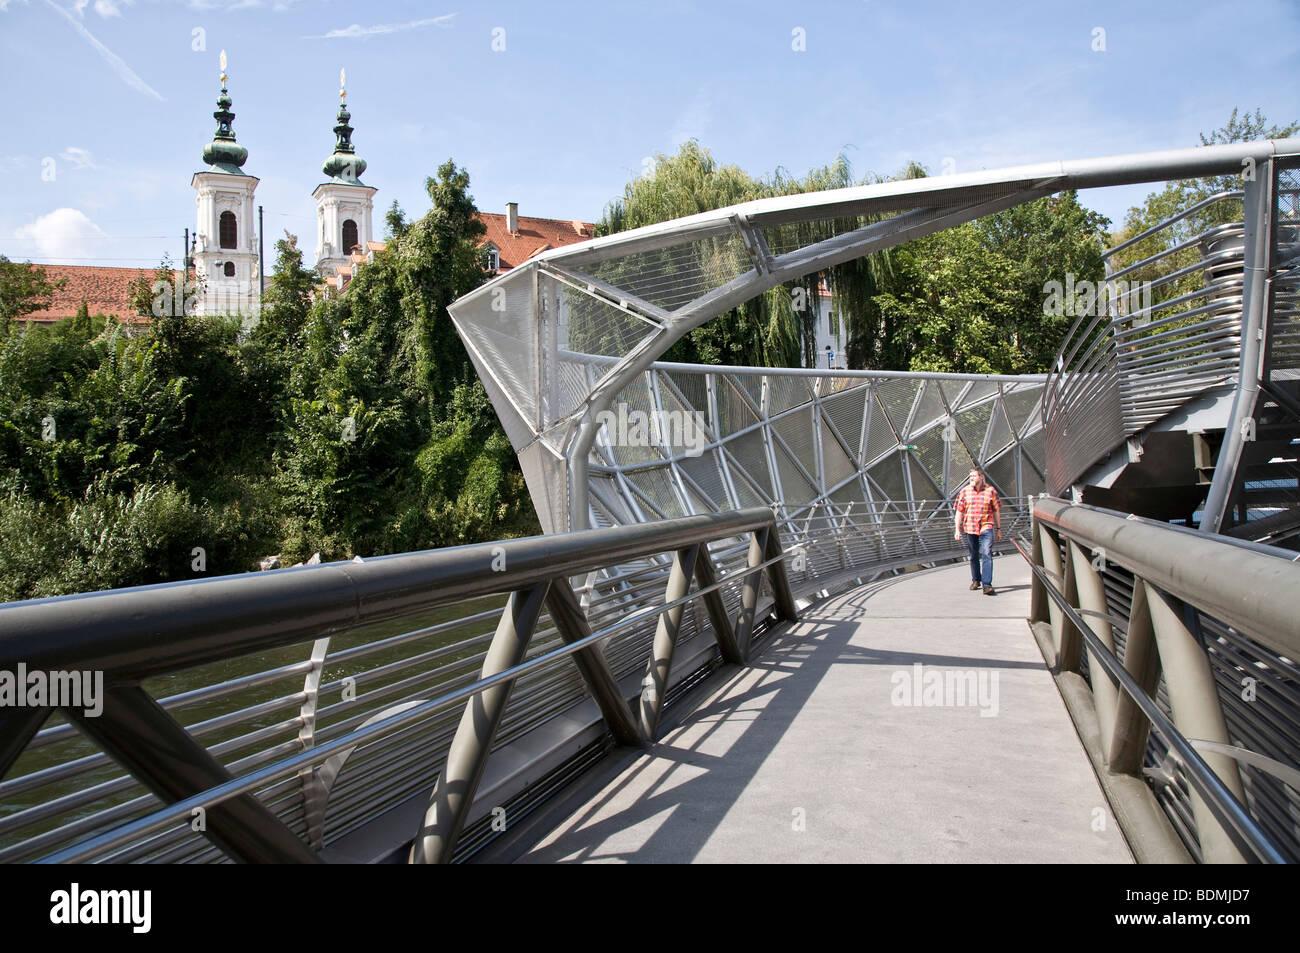 Graz Steg zur Murinsel (Mur Insel Mur-Insel) 2003 von Vito Acconci nach einer Idee des Grazers Robert Punkenhofer - Stock Image